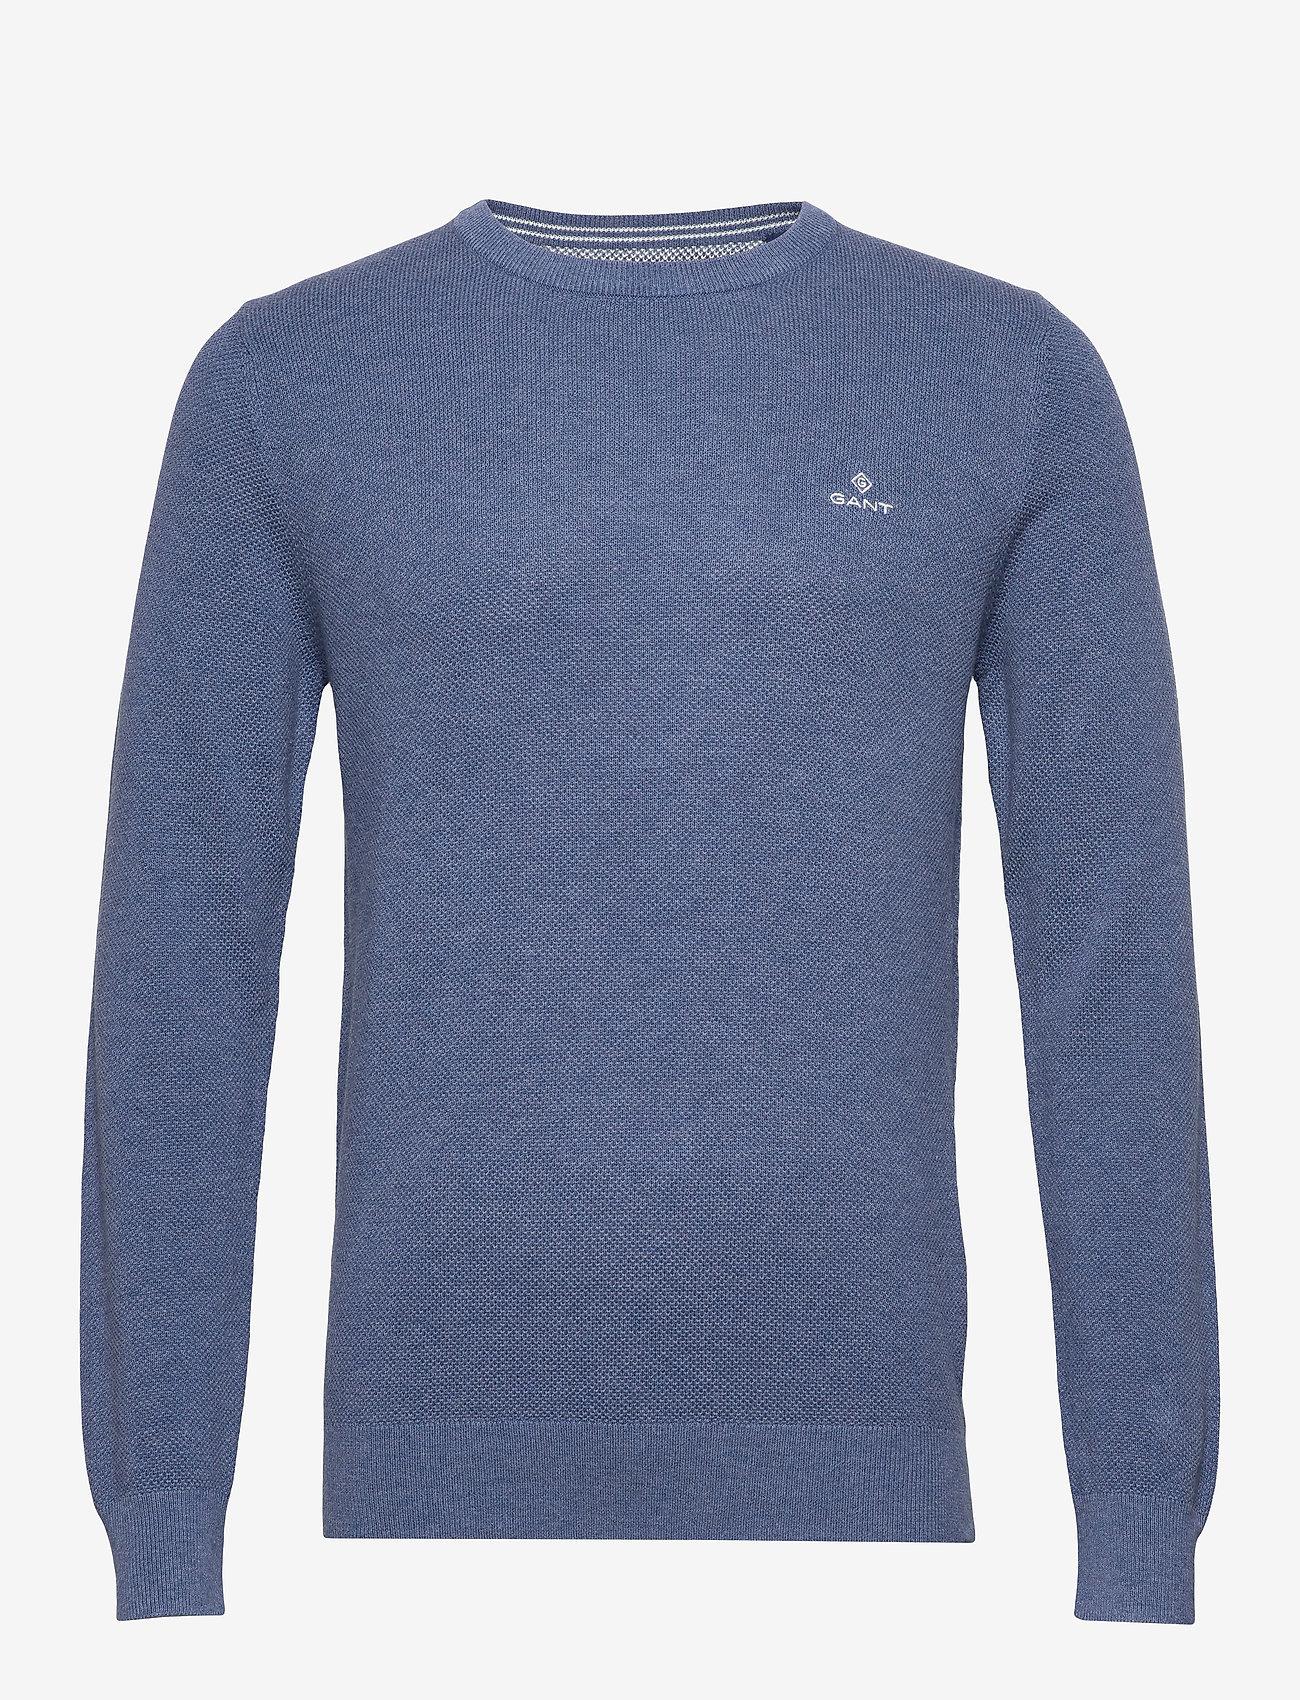 GANT - COTTON PIQUE C-NECK - knitted round necks - denim blue mel - 0